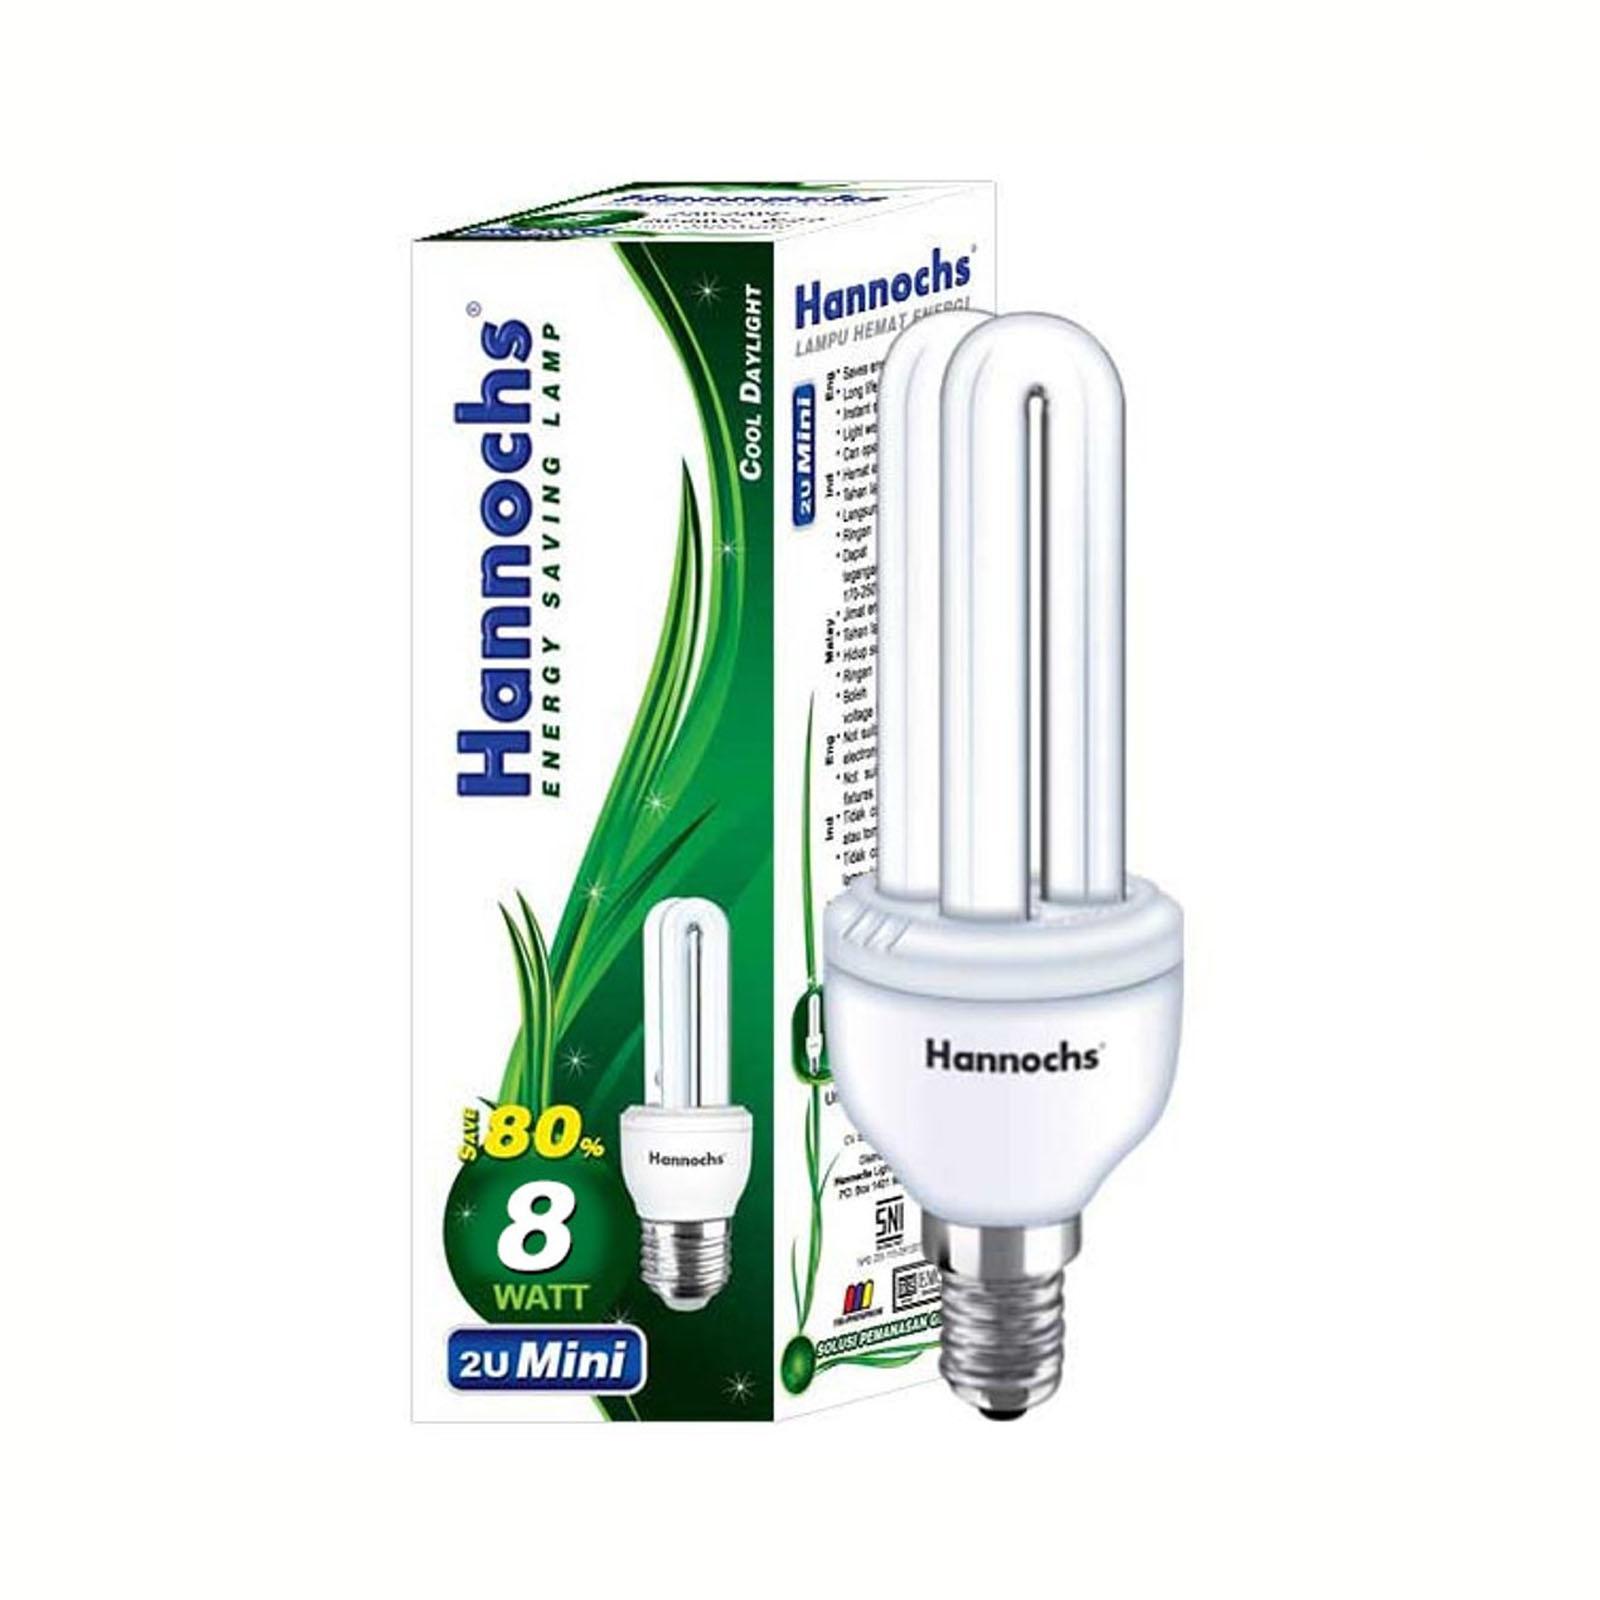 Lampu PLC 8 Watt 2U HANNOCHS - Garansi 1Th